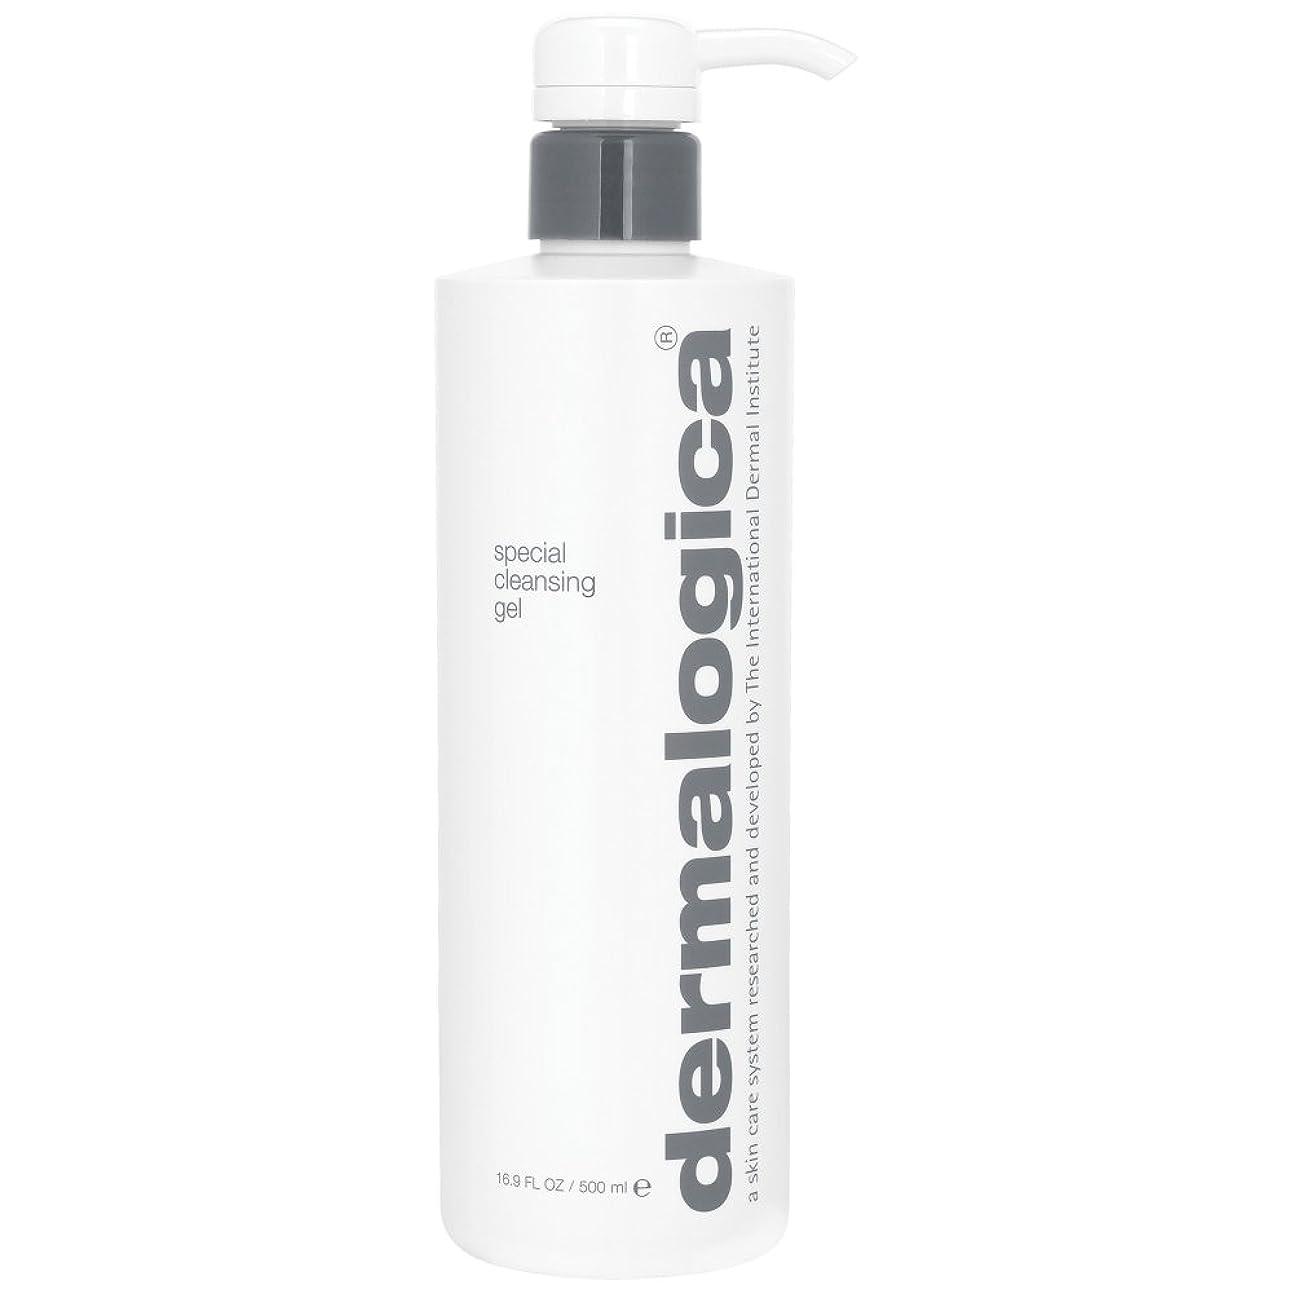 慈悲早いエンターテインメントダーマロジカ特別なクレンジングゲル500ミリリットル (Dermalogica) (x2) - Dermalogica Special Cleansing Gel 500ml (Pack of 2) [並行輸入品]